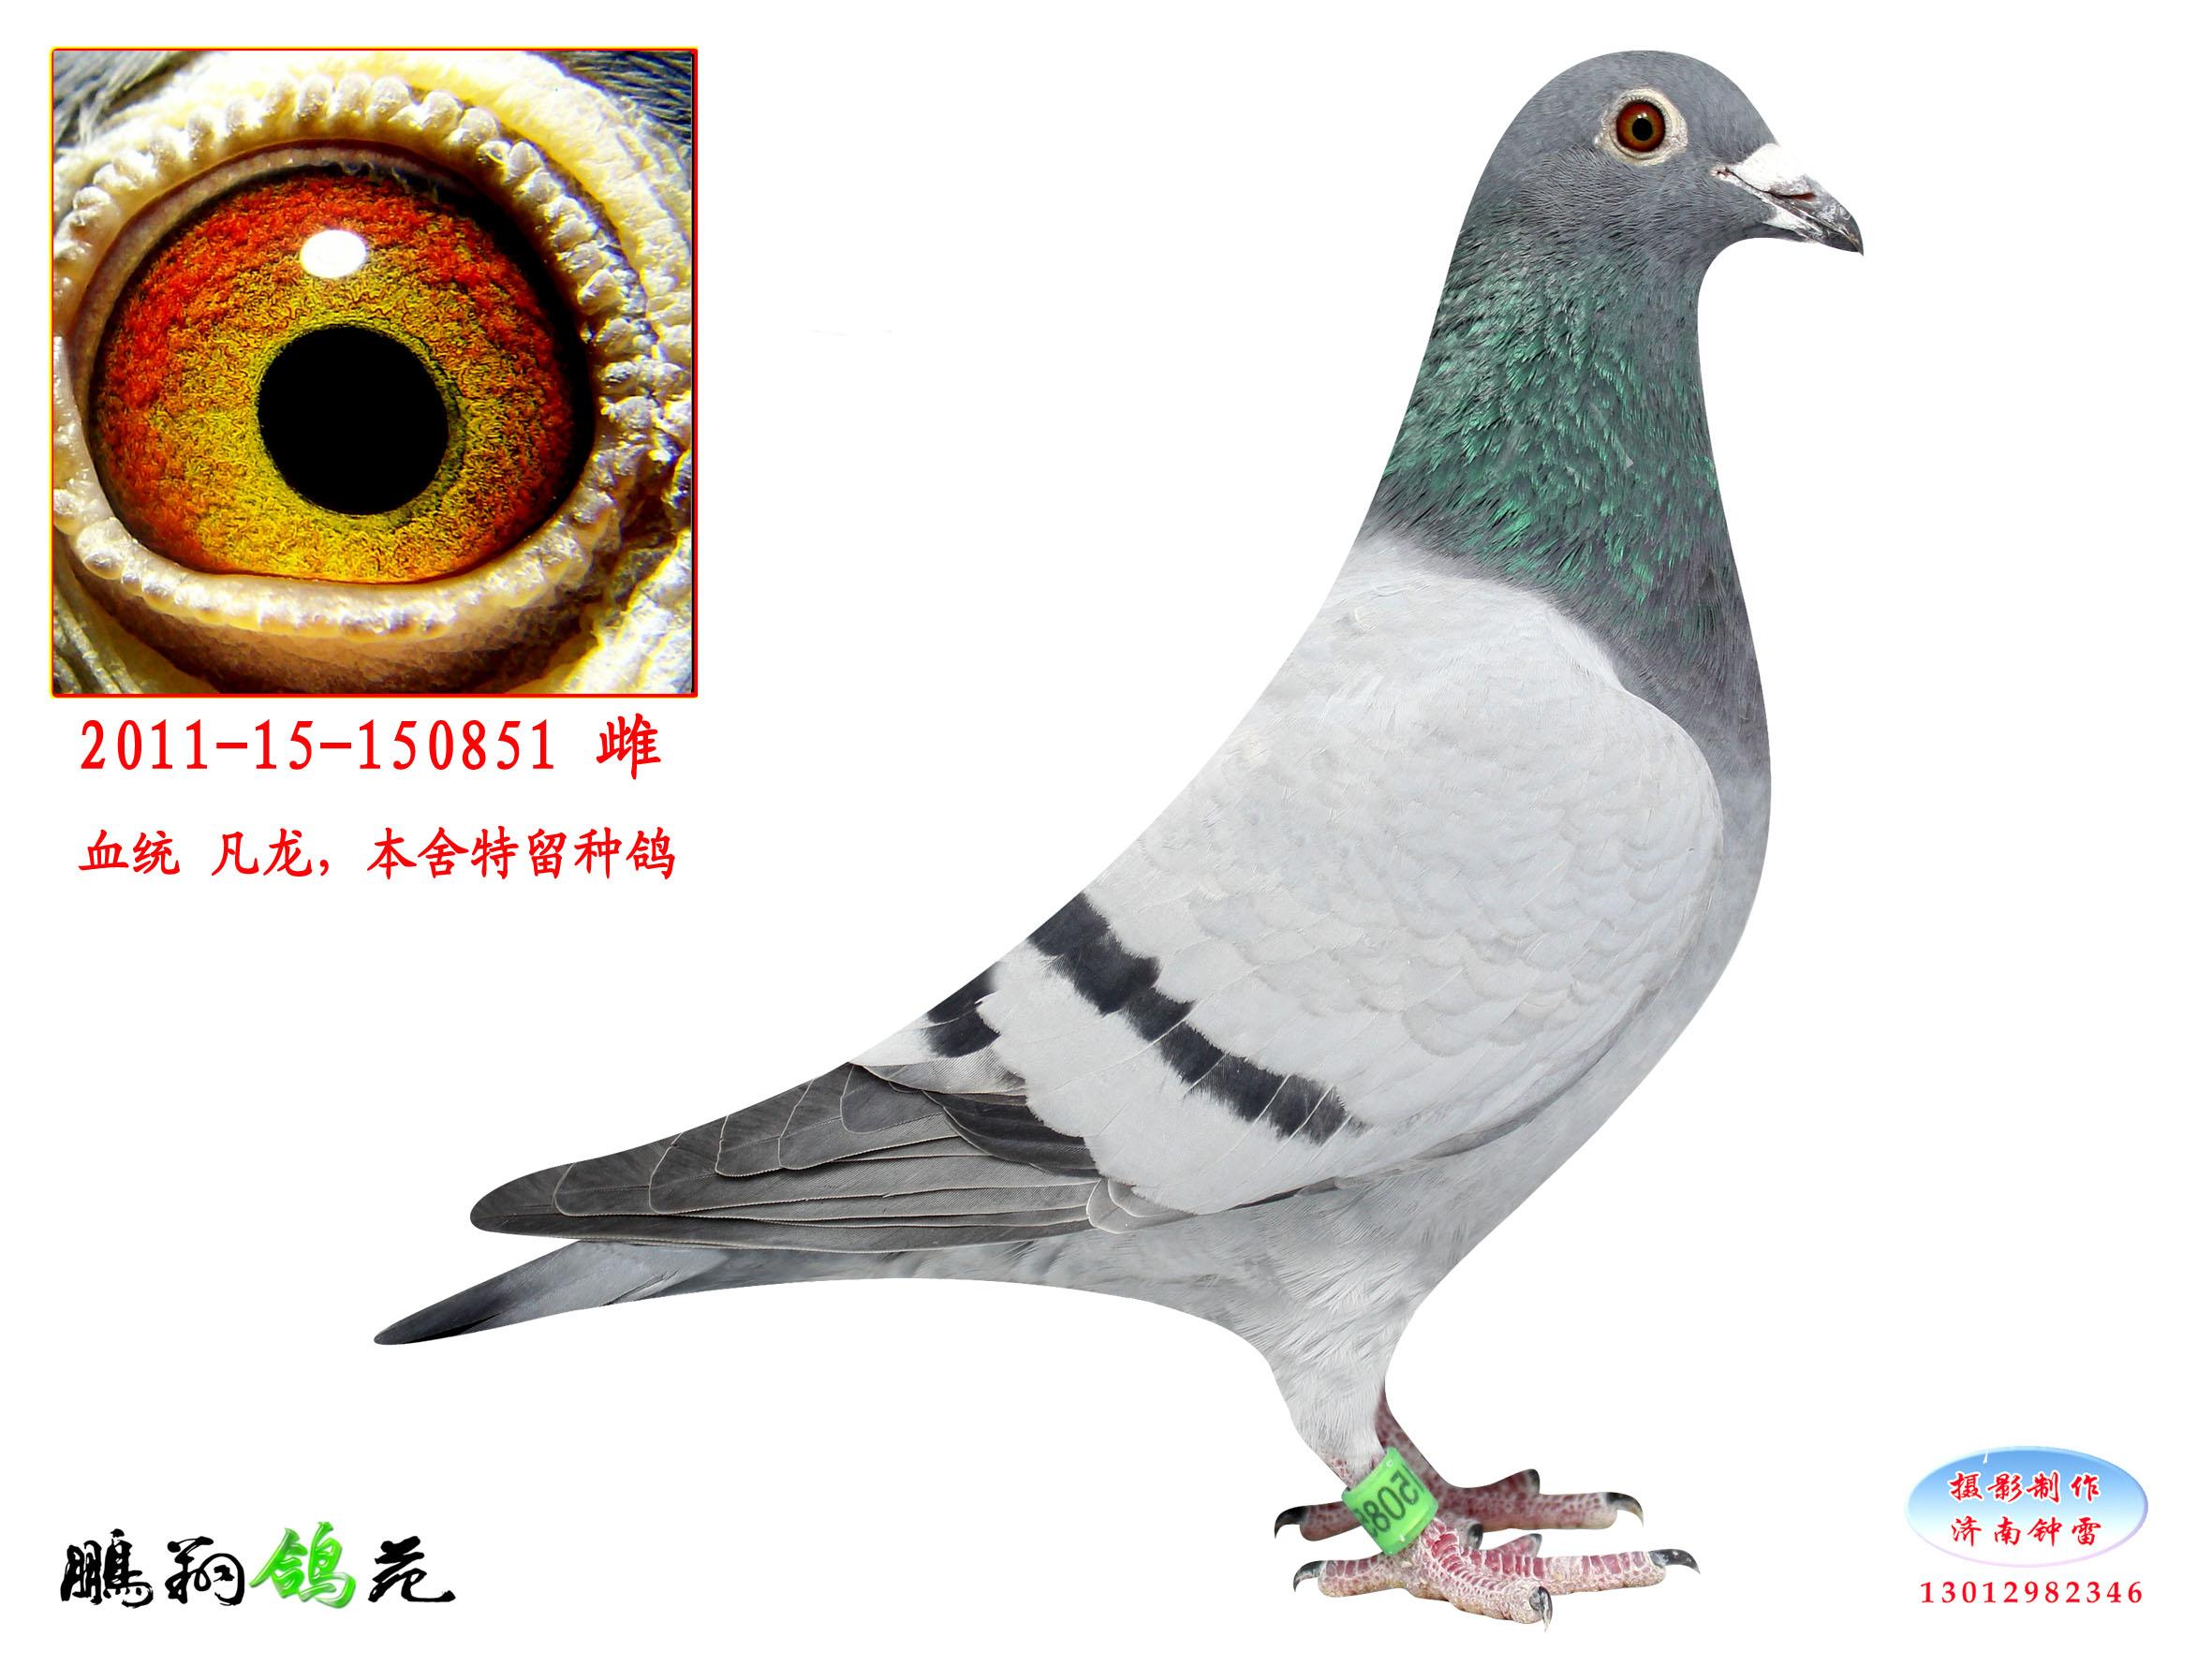 信鸽特征-凡龙特留种鸽 山东鹏翔赛鸽